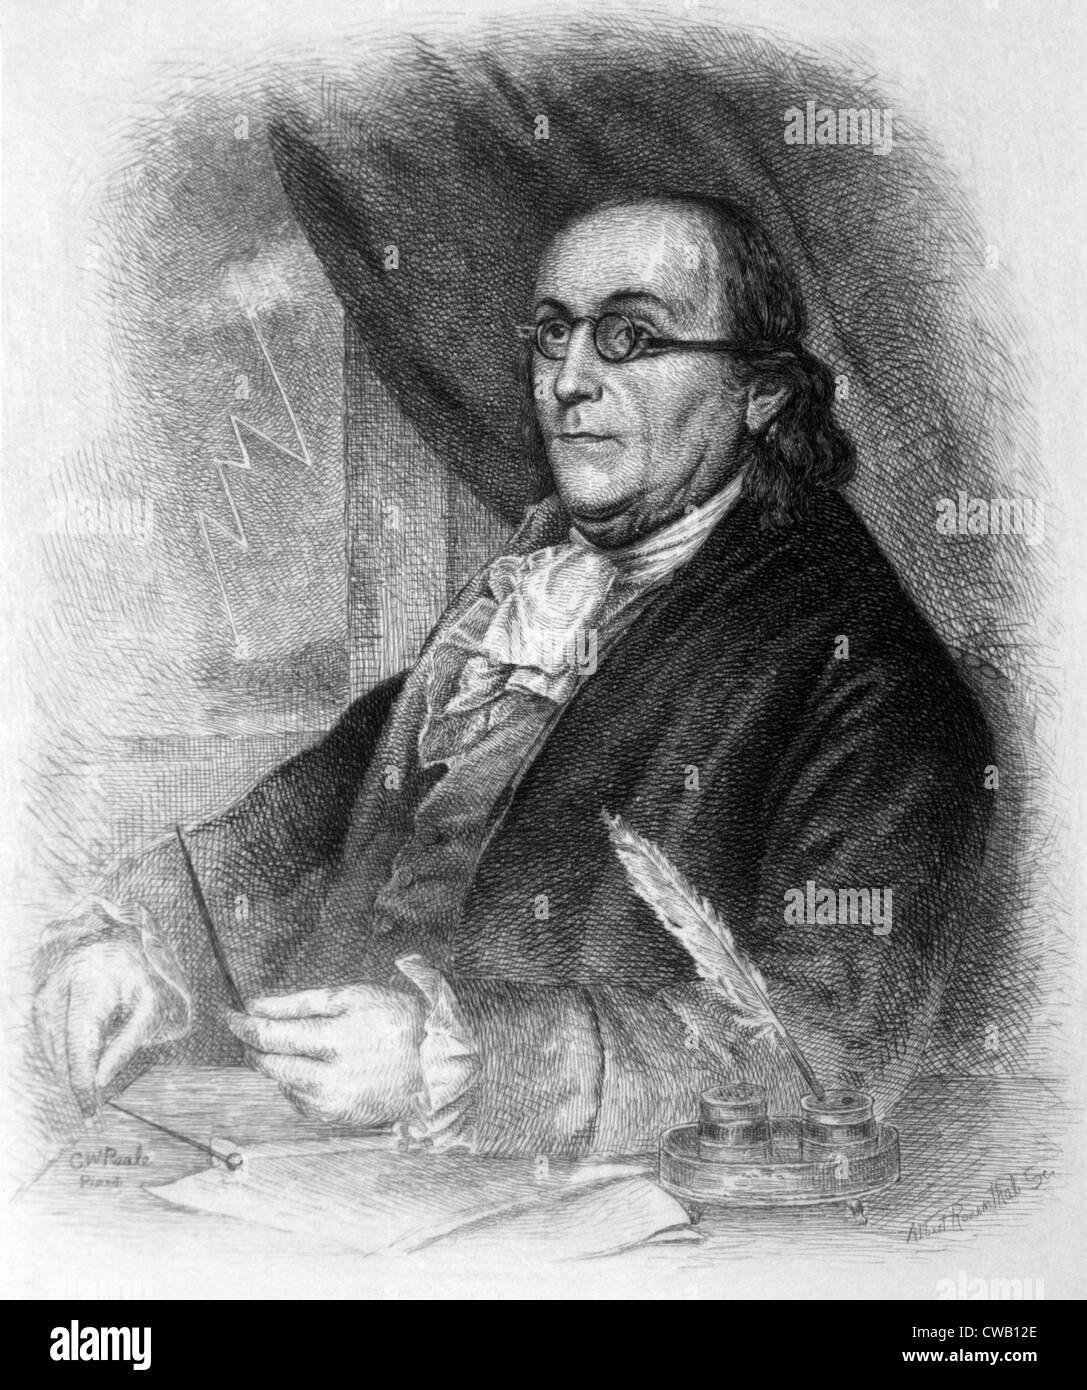 Benjamin Franklin (1706-1790), engraving 1889 - Stock Image